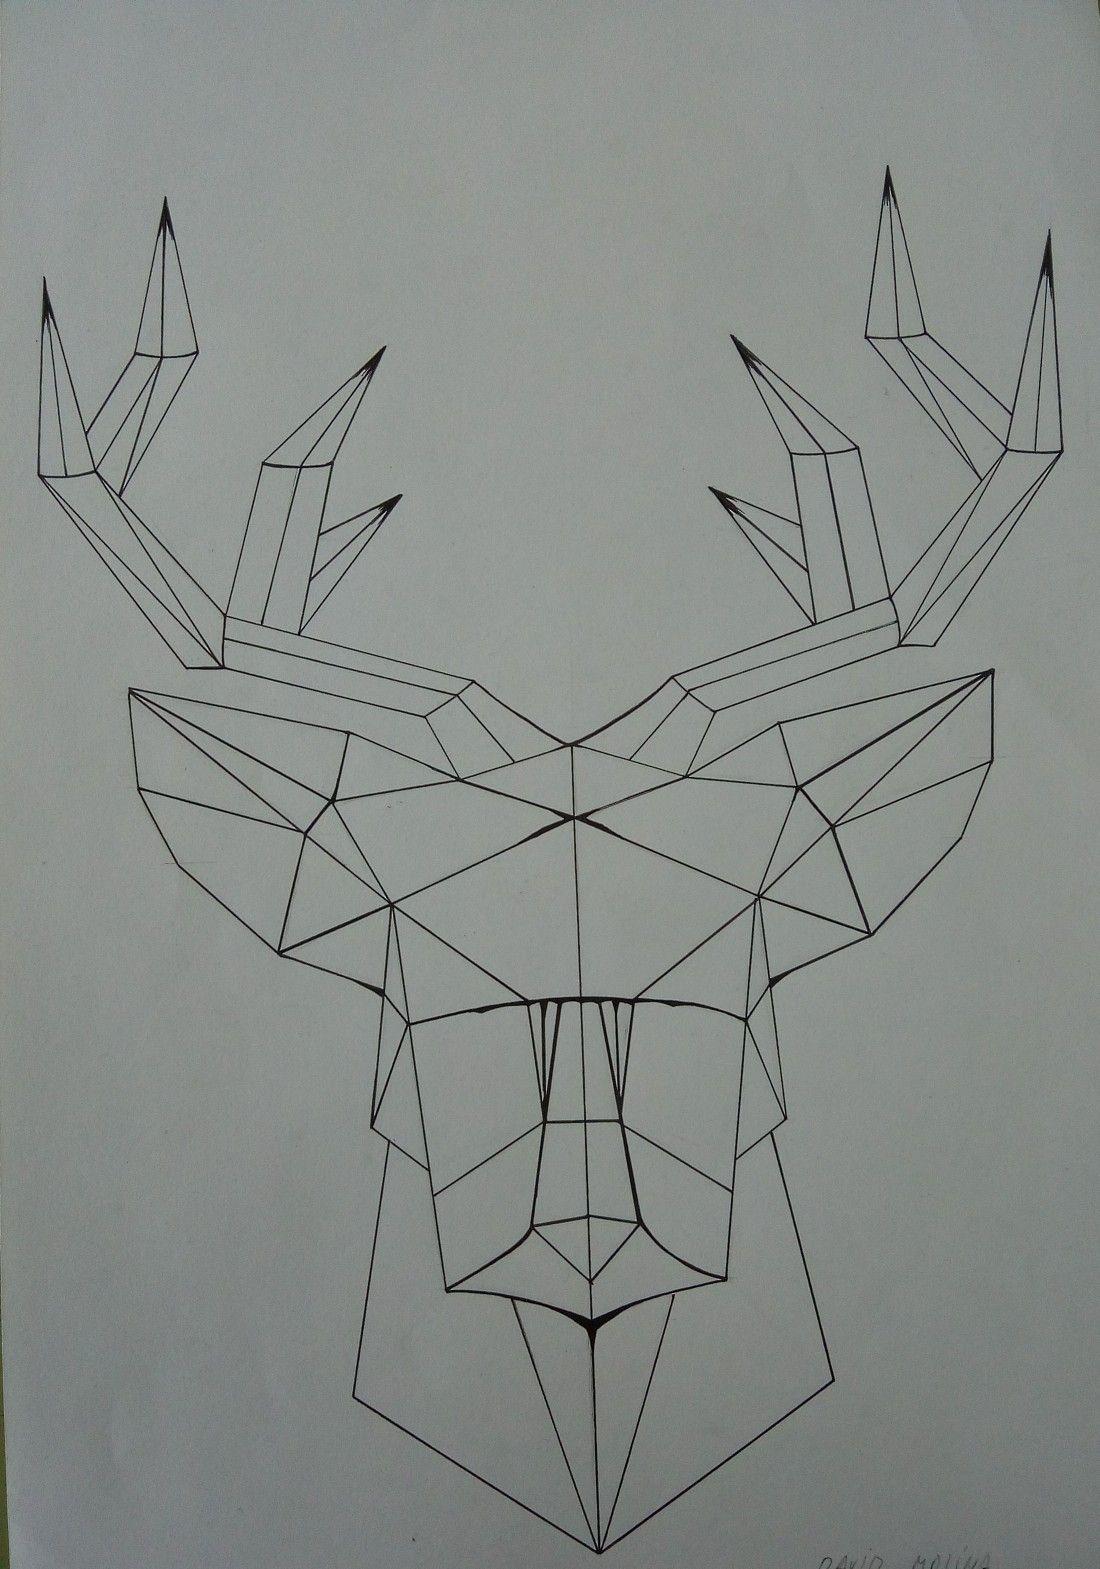 Pin De Shackty Grisel Baltazar Villeg En Axial Symmetry Simetria Simetria Axial Dibujos Geometricos Faciles